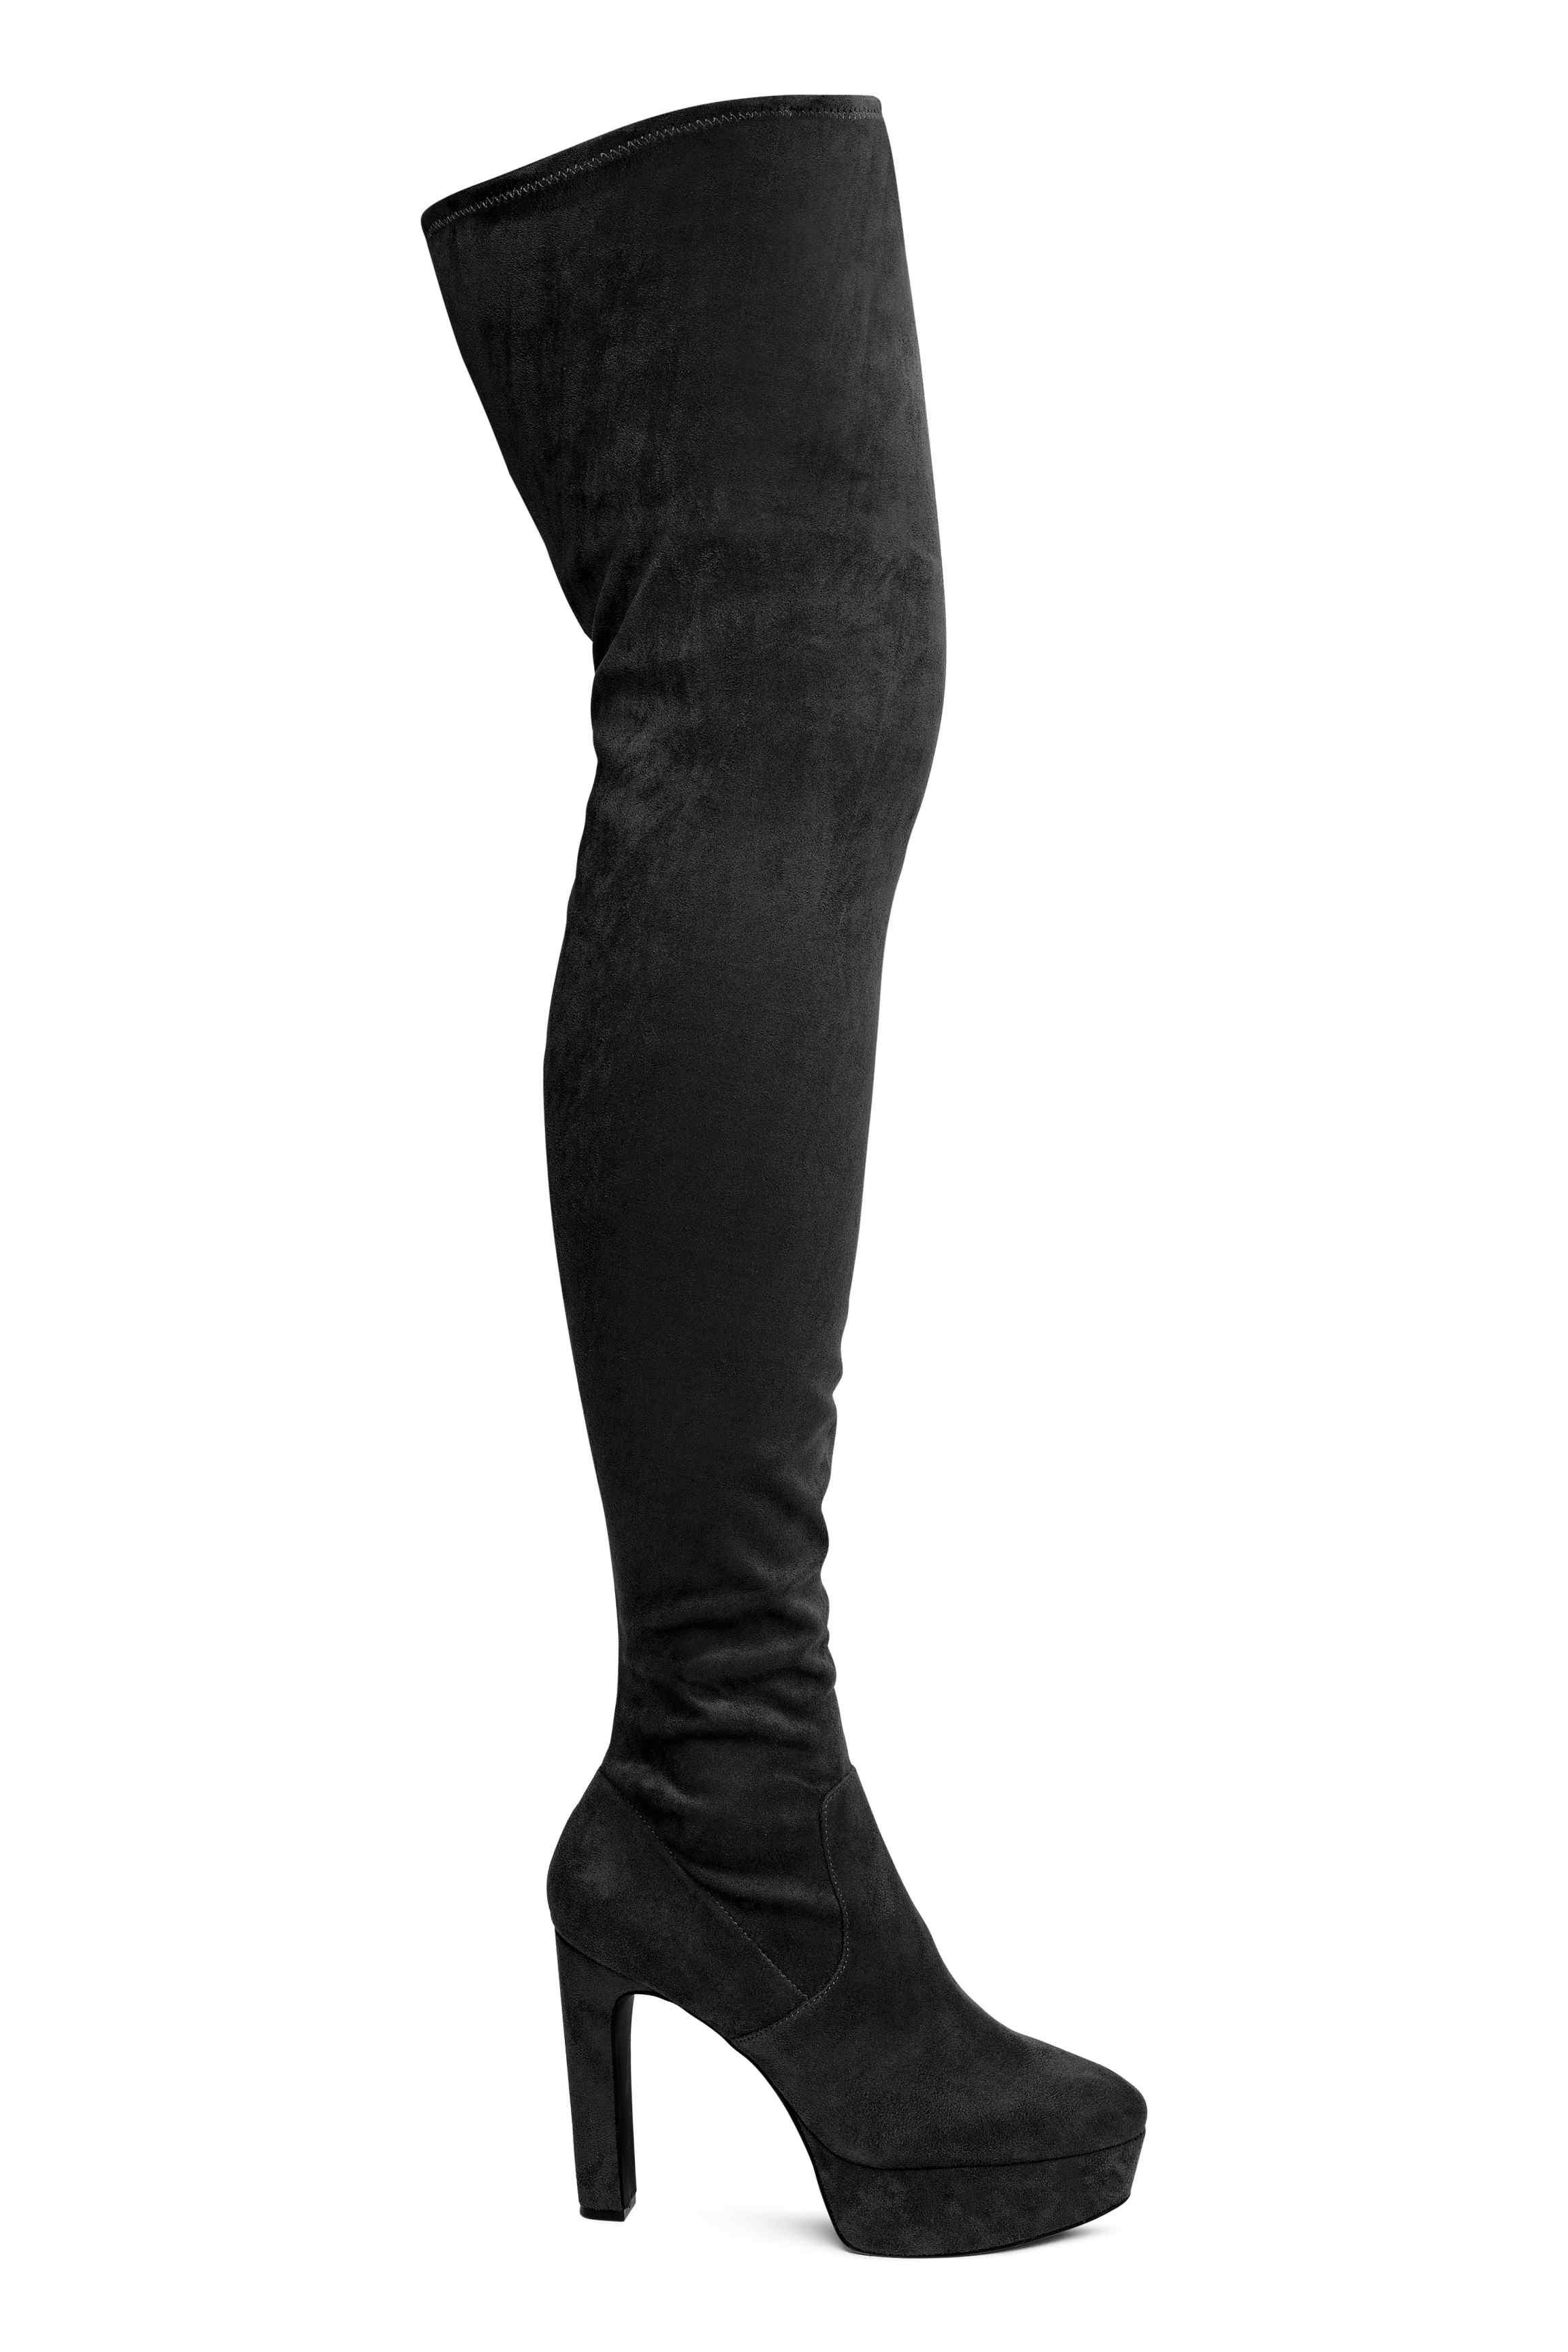 Stivali sopra il ginocchio: i cuissardes più belli di questo